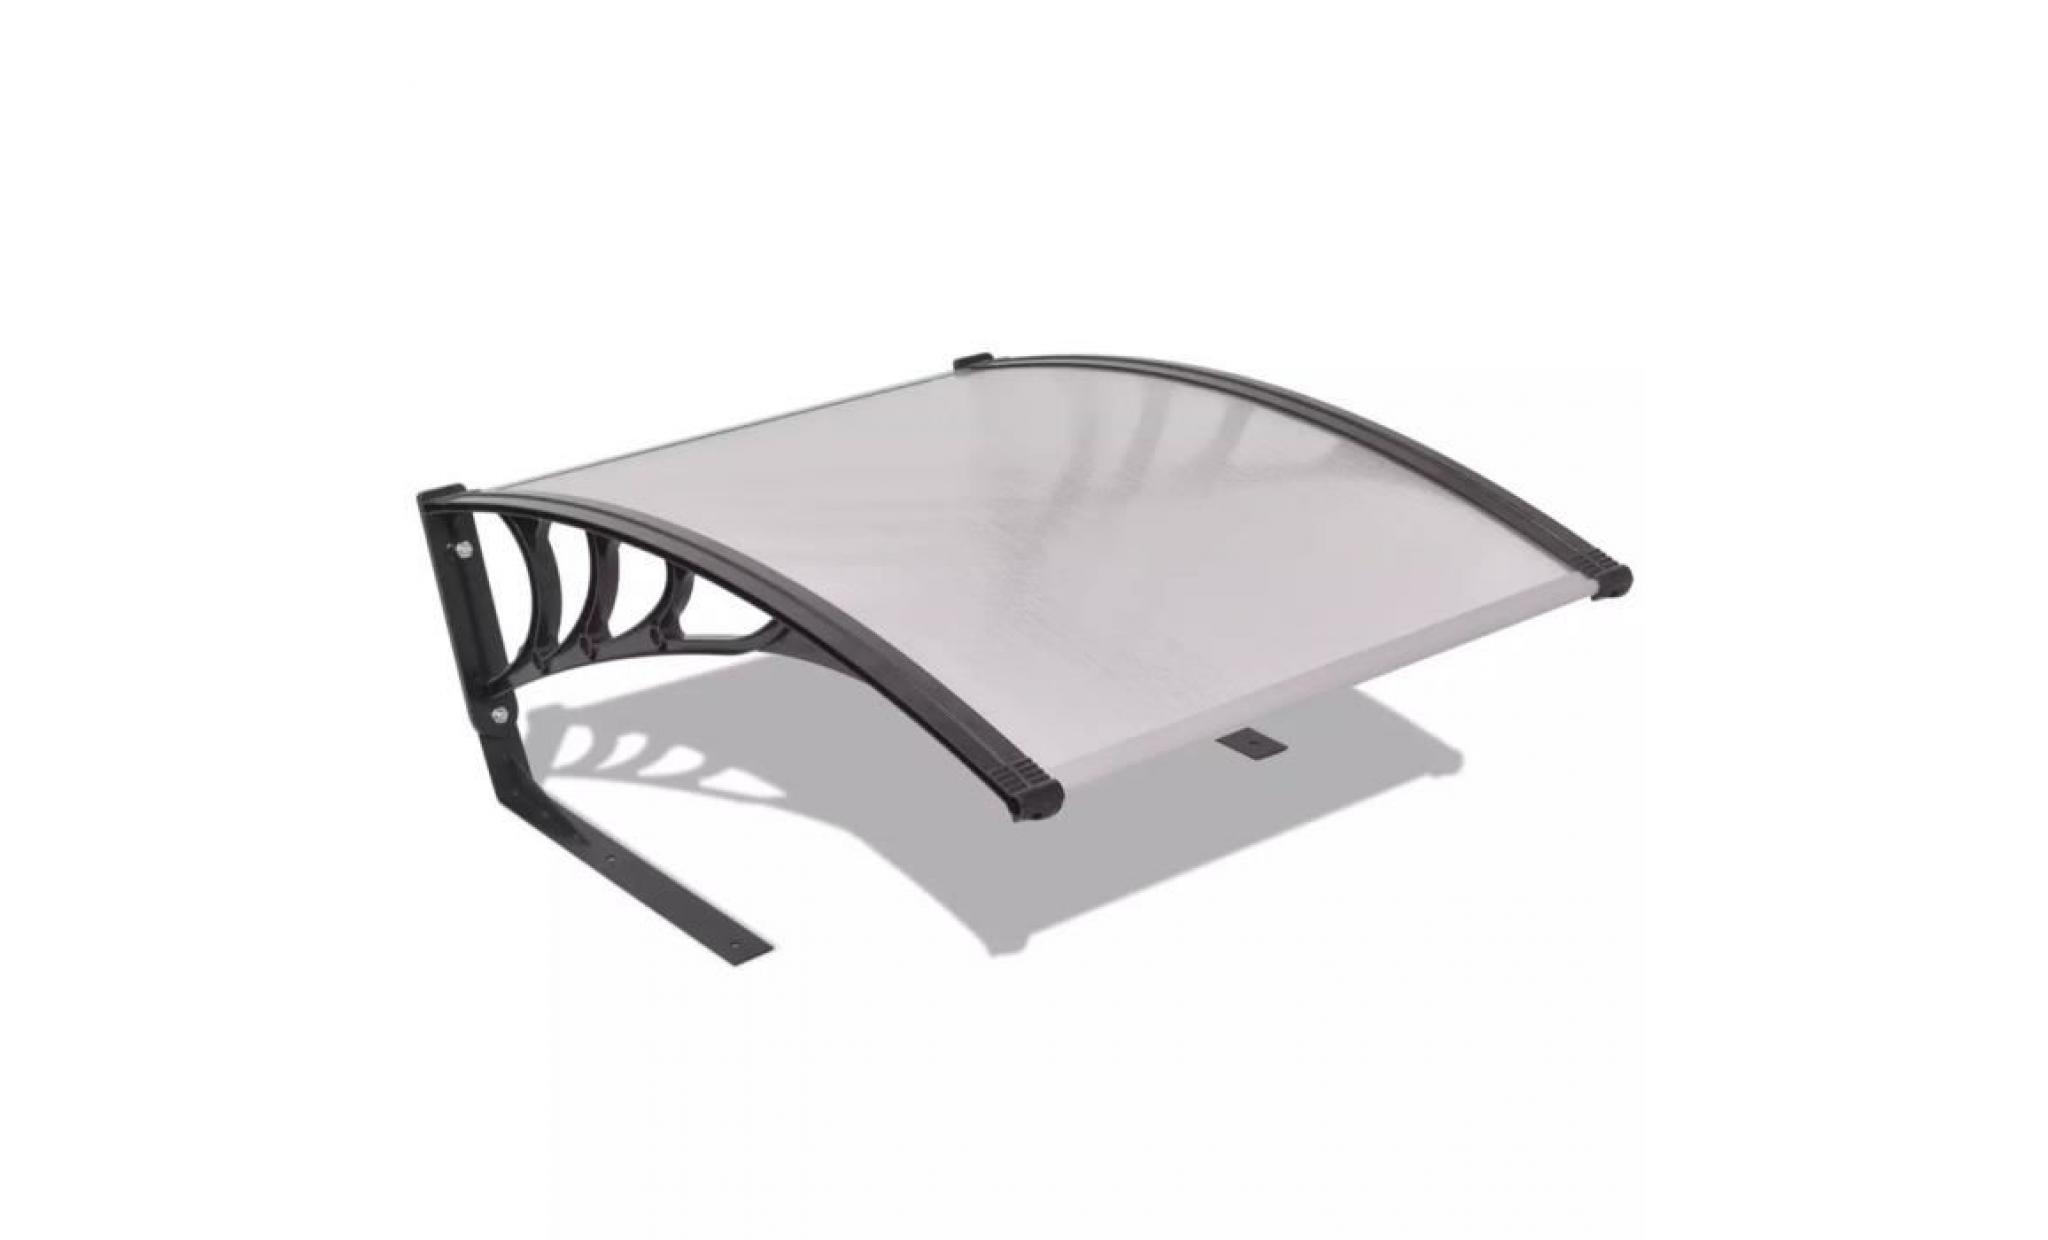 toit de garage pour tondeuse robot 77x103x46 cm achat. Black Bedroom Furniture Sets. Home Design Ideas